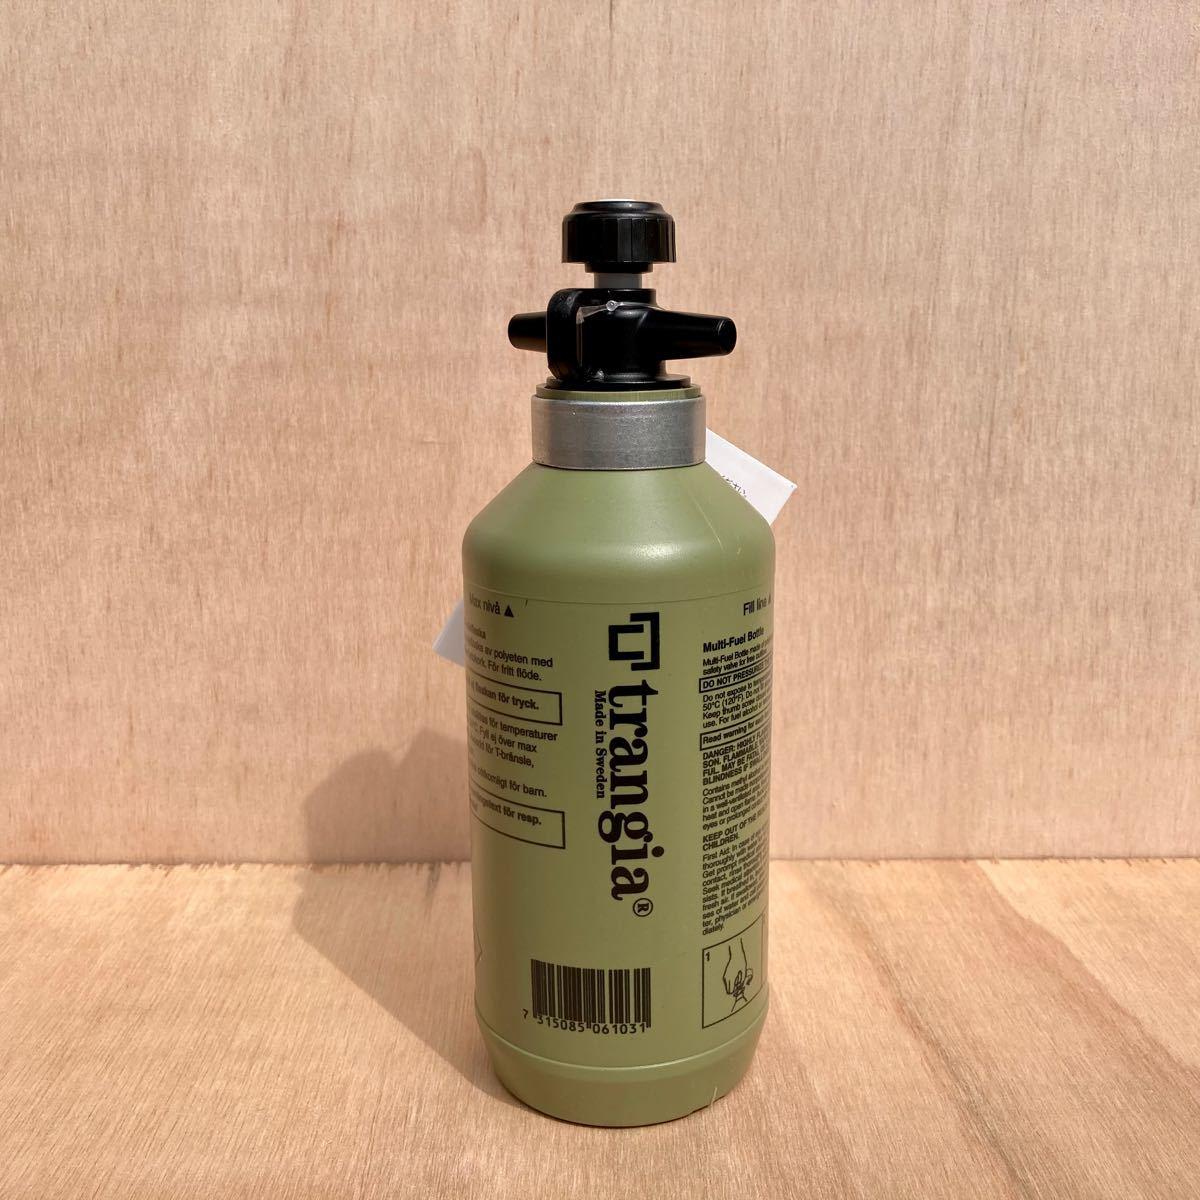 国内代理店品 新品 未使用 trangia トランギア フューエルボトル 0.3L オリーブ 燃料ボトル TR-506103